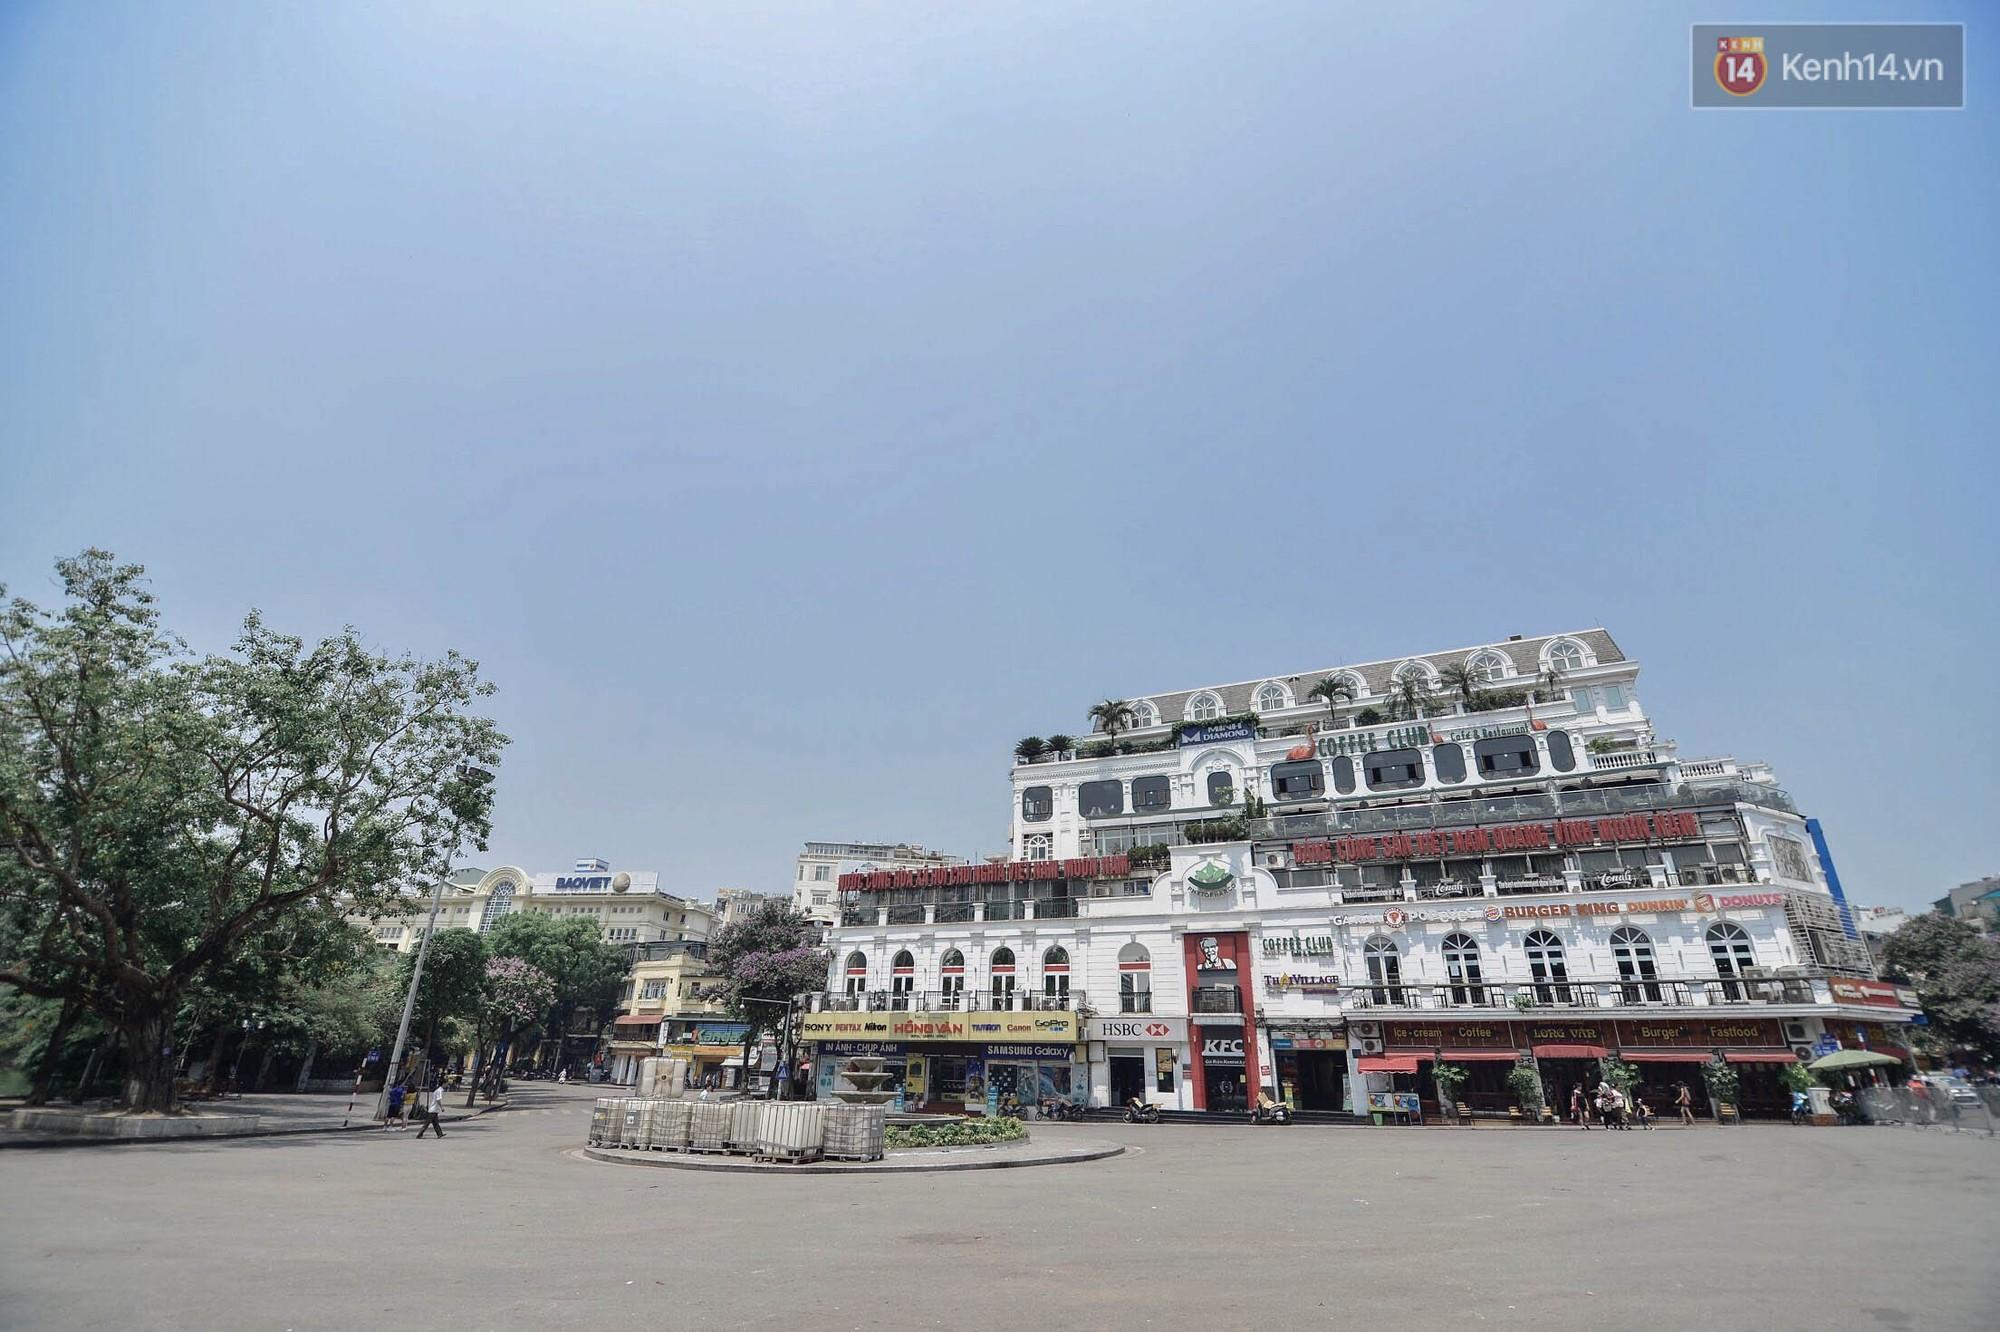 """Mùng 1 Tết có là gì vì đường sá Hà Nội ngày nóng như """"đổ lửa"""" còn vắng hơn nhiều - Ảnh 20."""